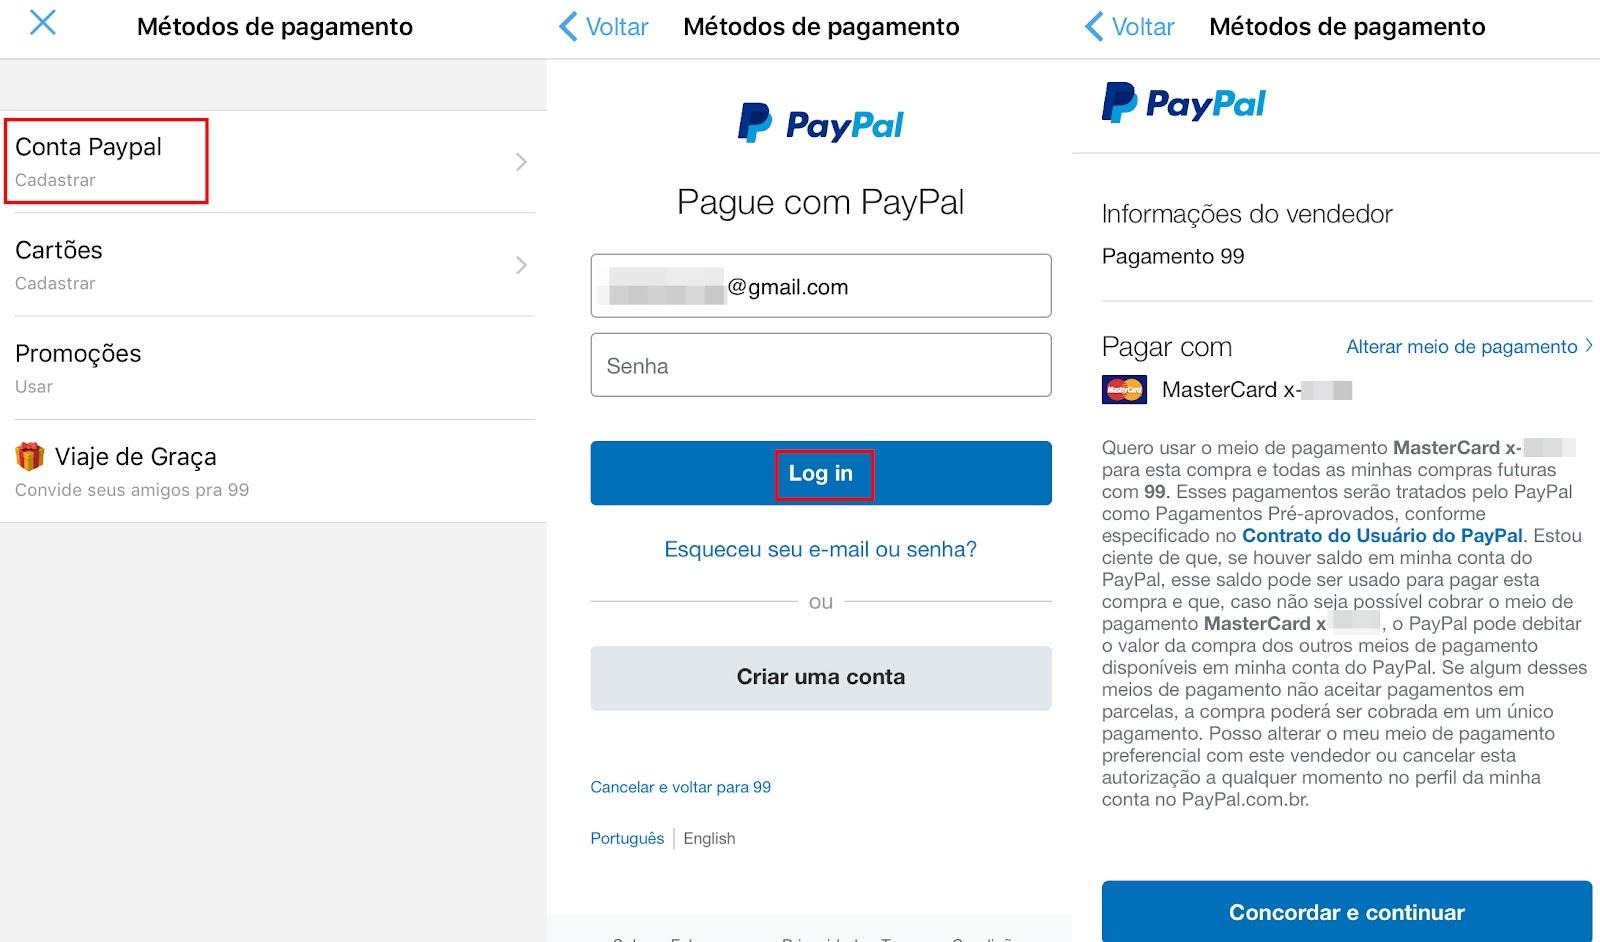 Aprenda a cadastrar cartão de crédito e PayPal no 99 Taxis - TecMundo 4232f461de237